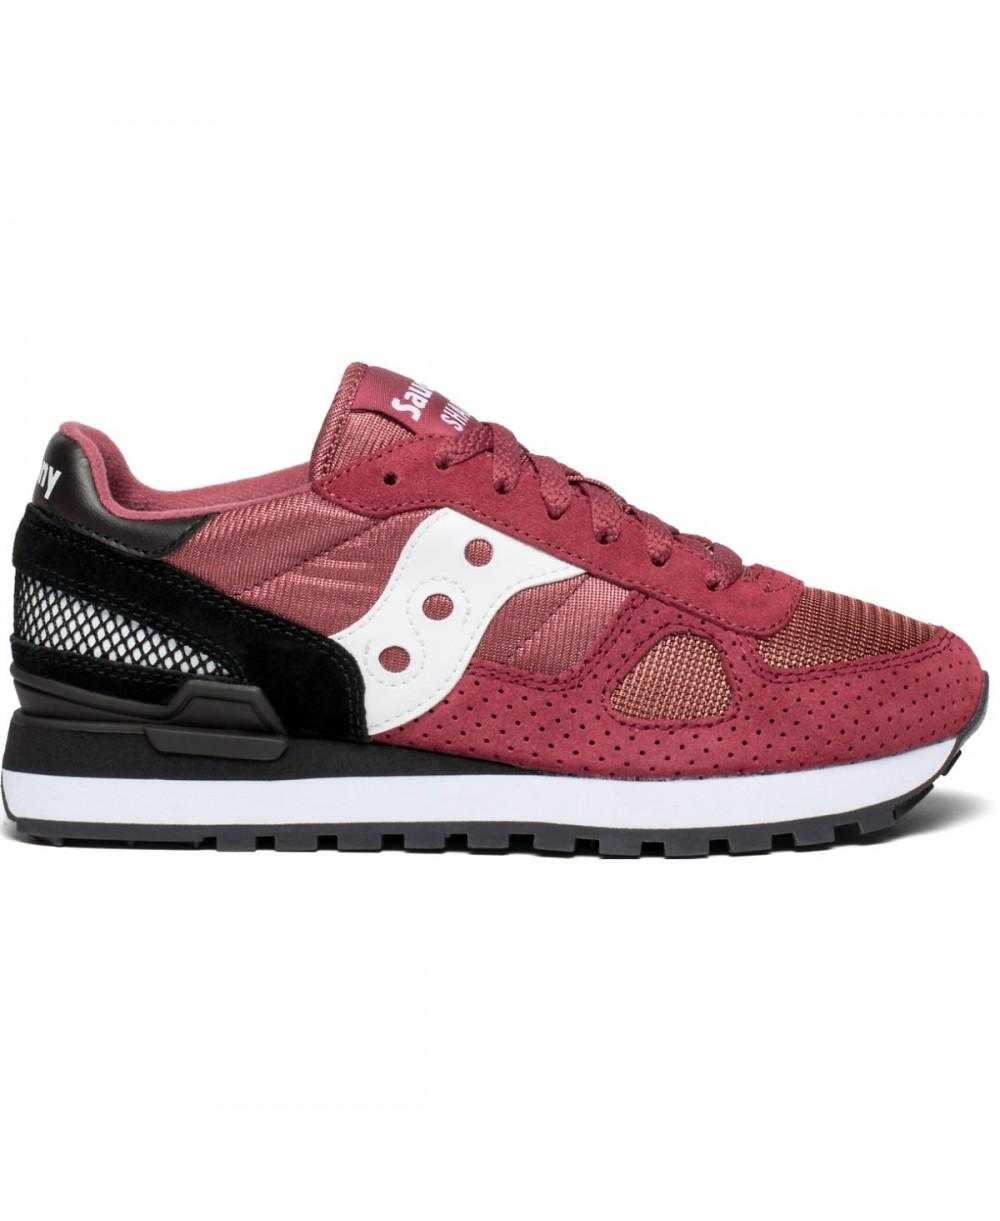 0bc67bae Saucony Shadow Original Zapatos Sneakers para Mujer Maroon/Black